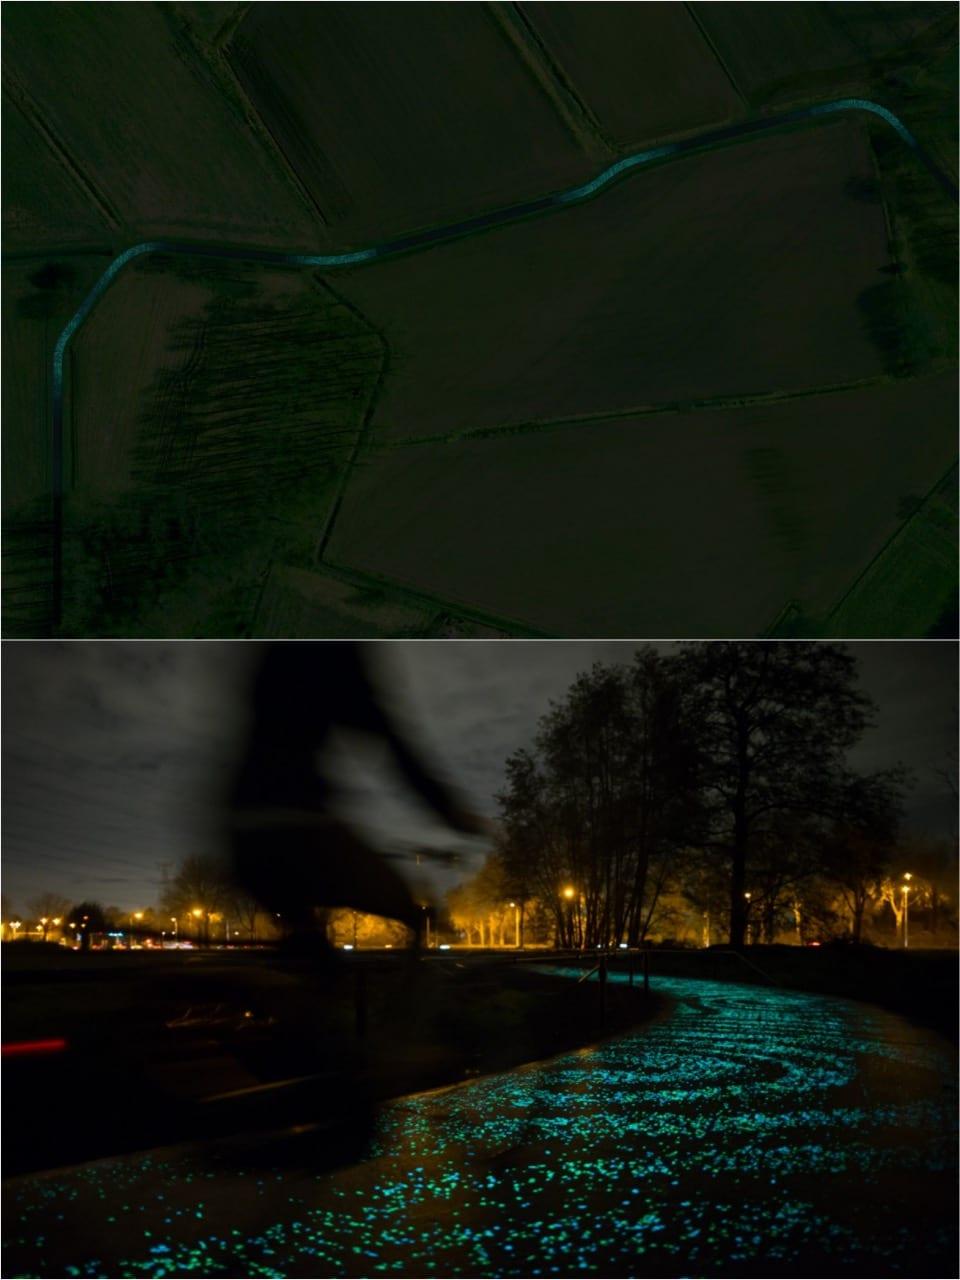 Bicycle Path Van Gogh NL